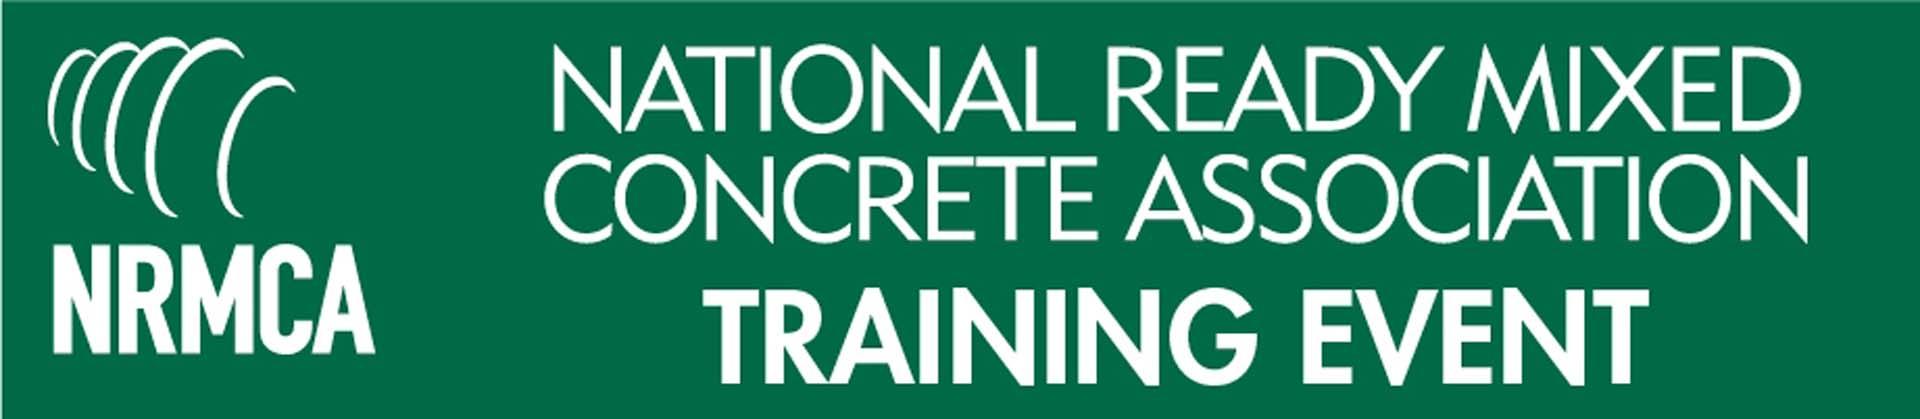 NRMCA Training Event